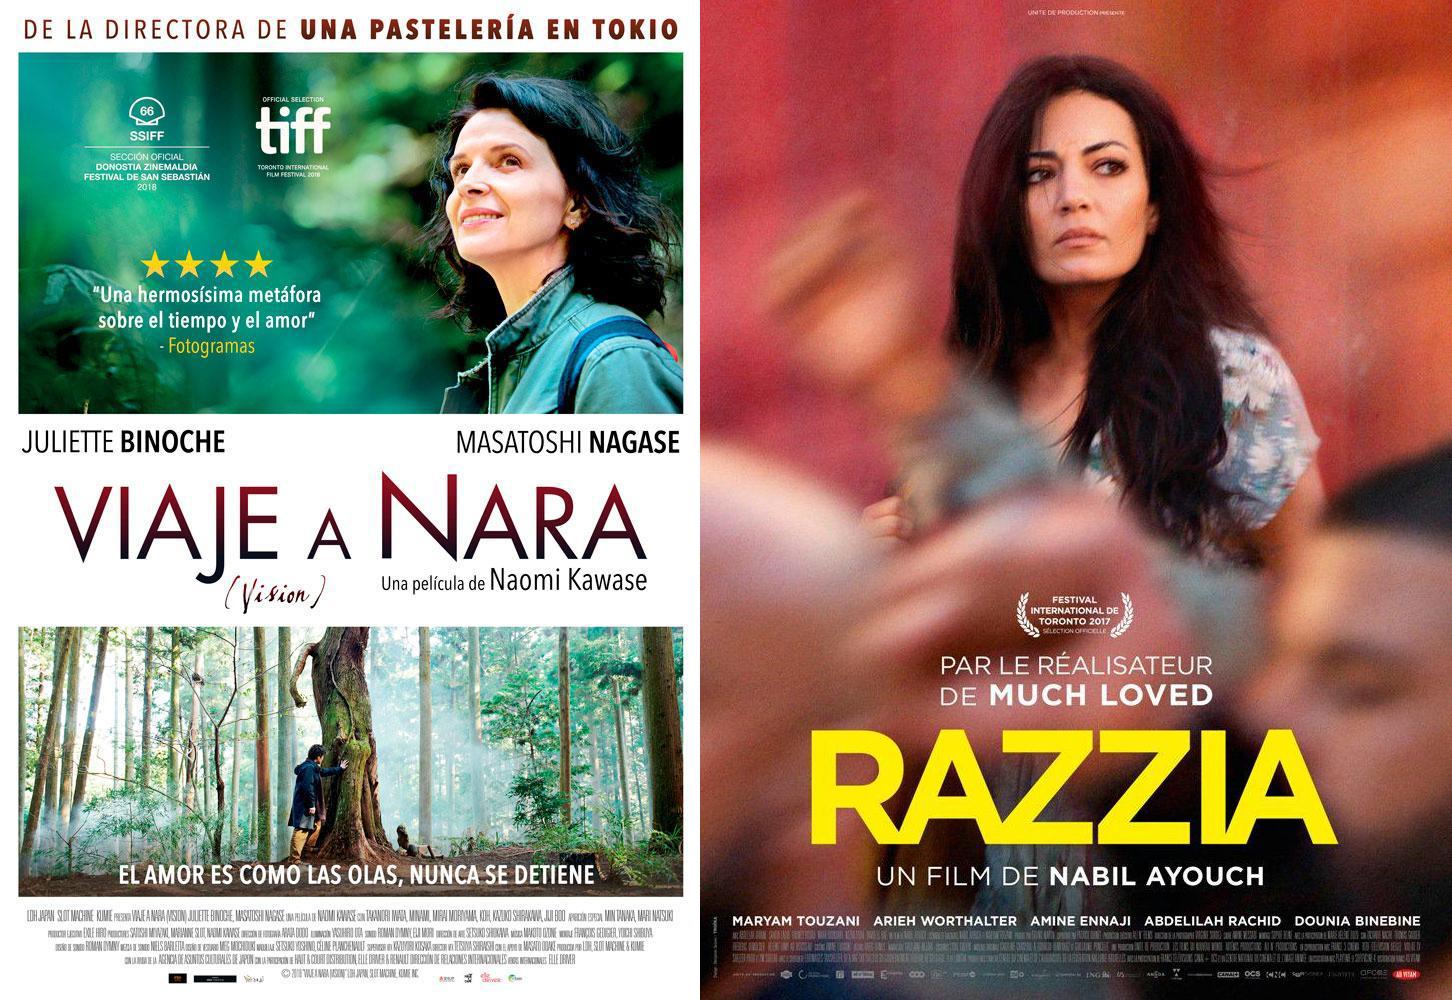 Carteles das películas Viaje a Nara y Razzia nos Codex Cinema de Lugo.